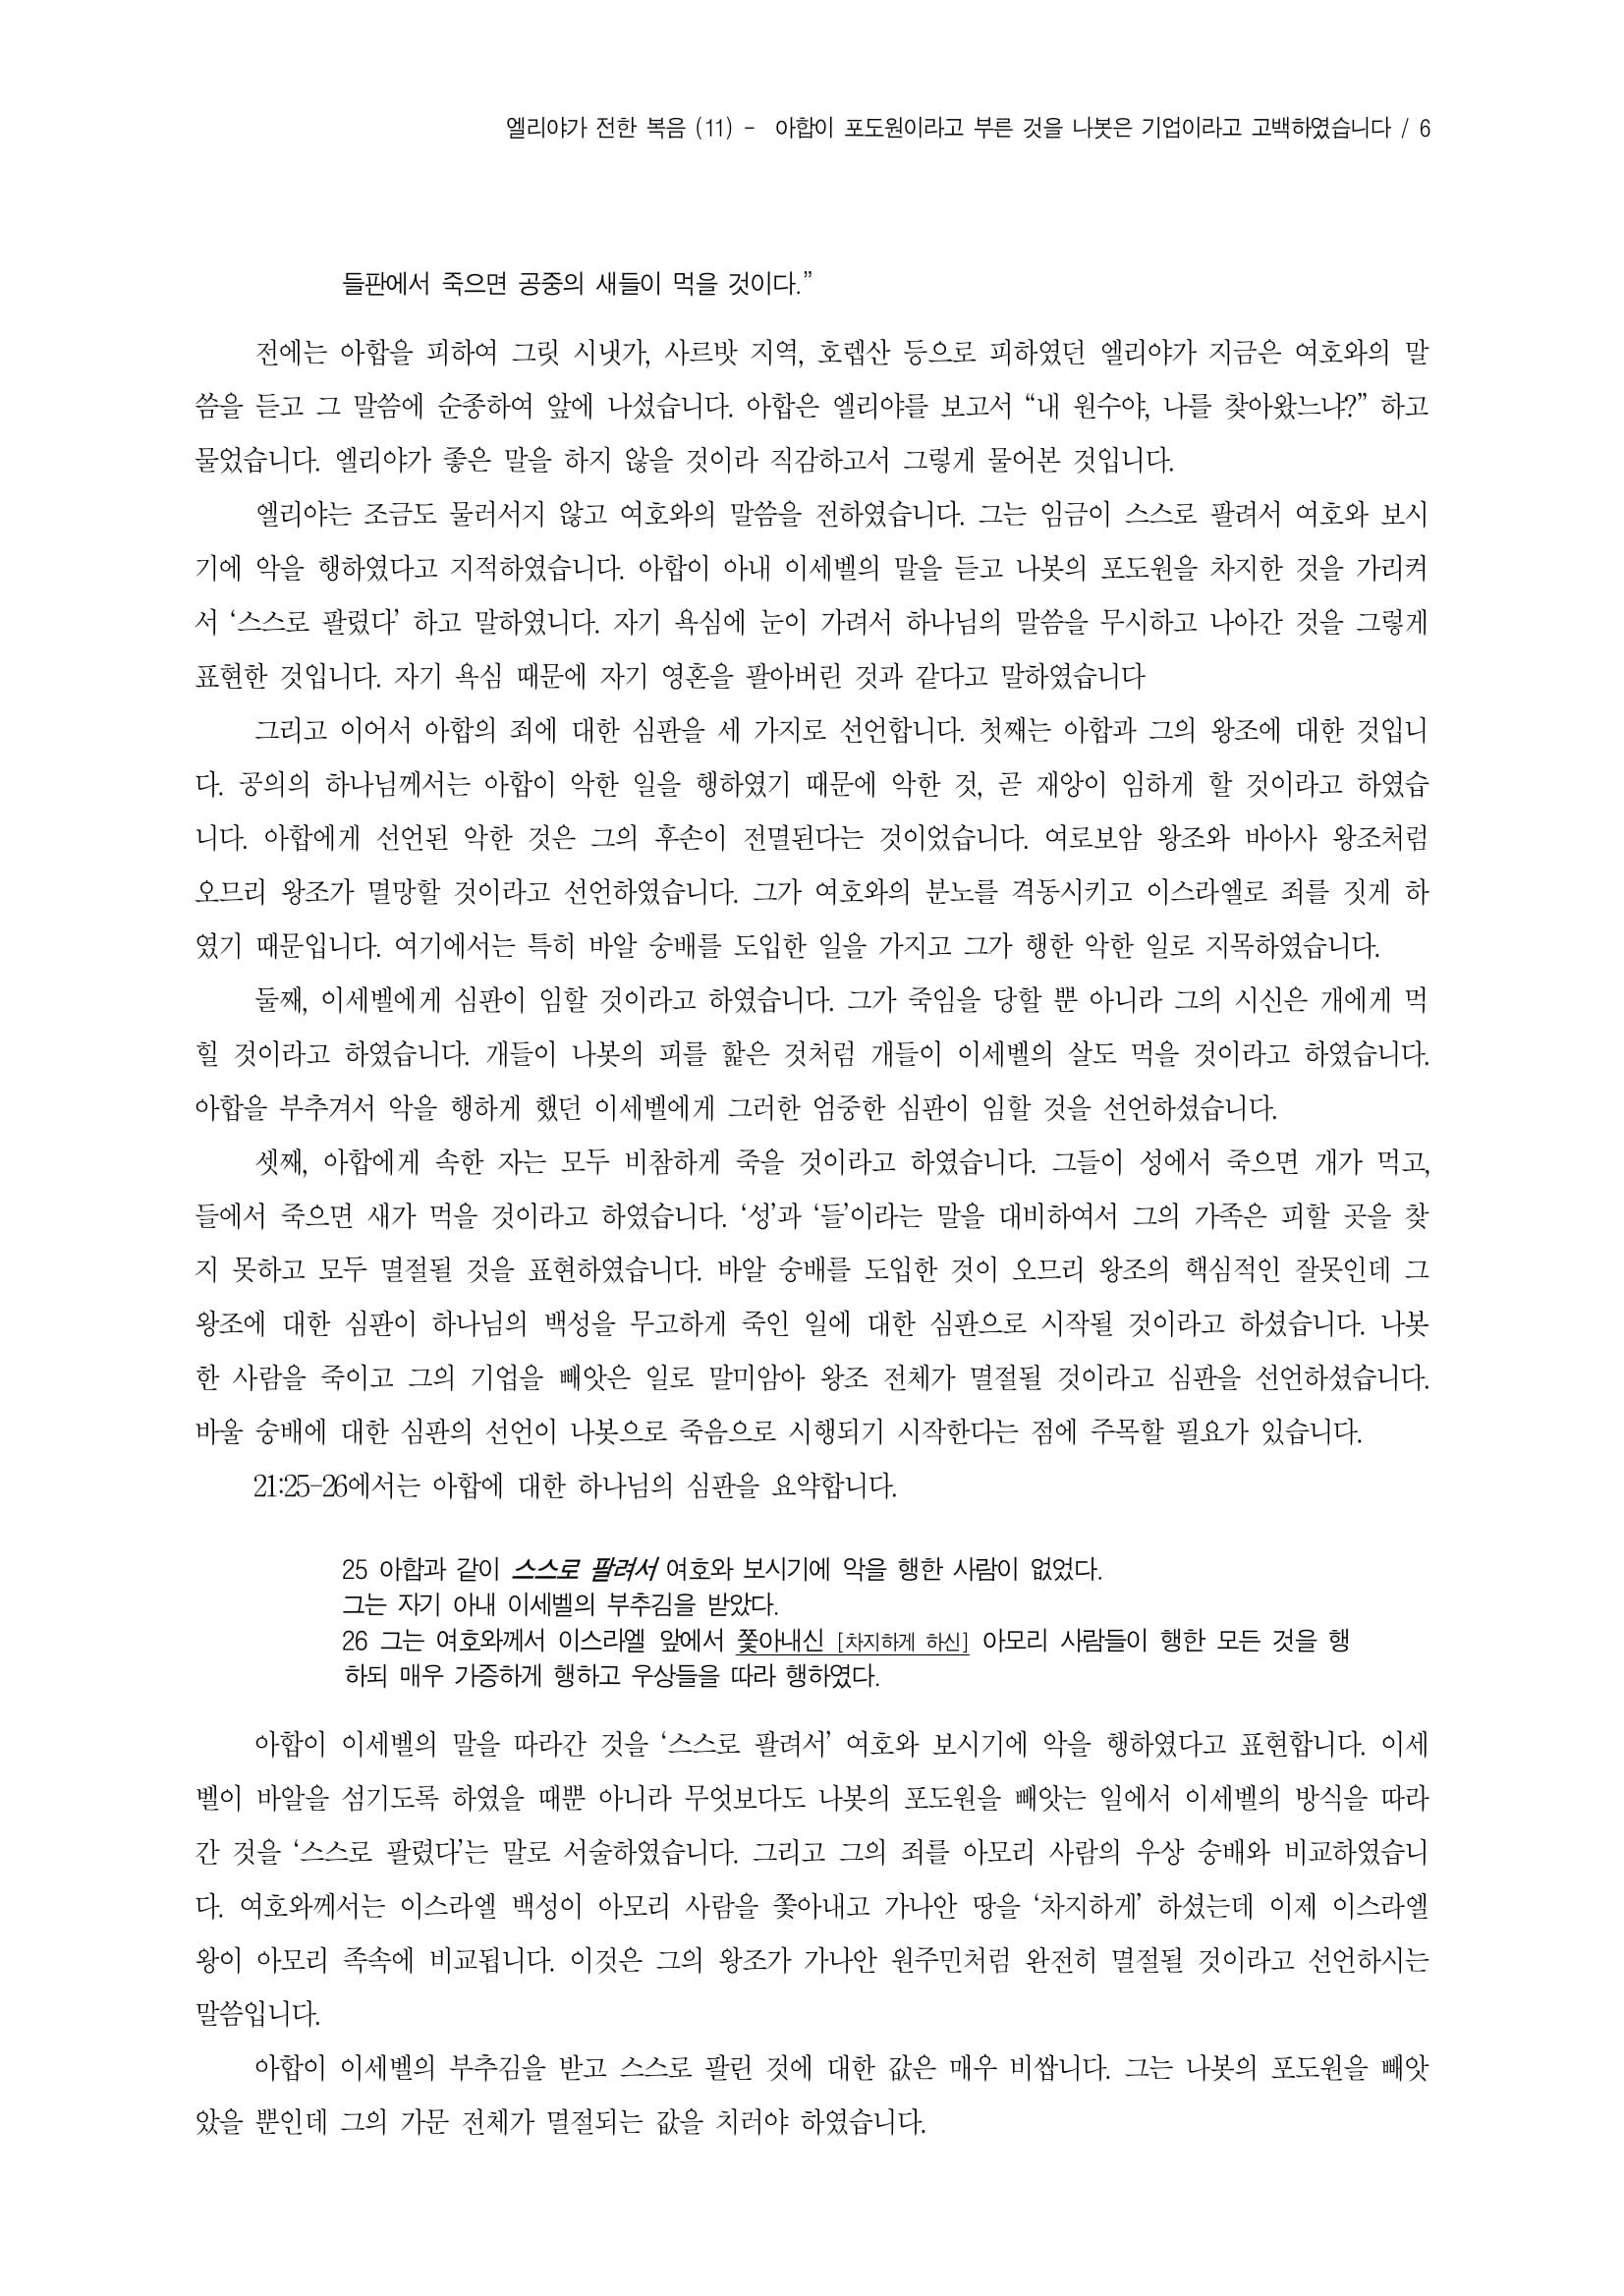 엘리야(11)_나봇의 기업과 아합의 포도원-왕상21장-6.jpg